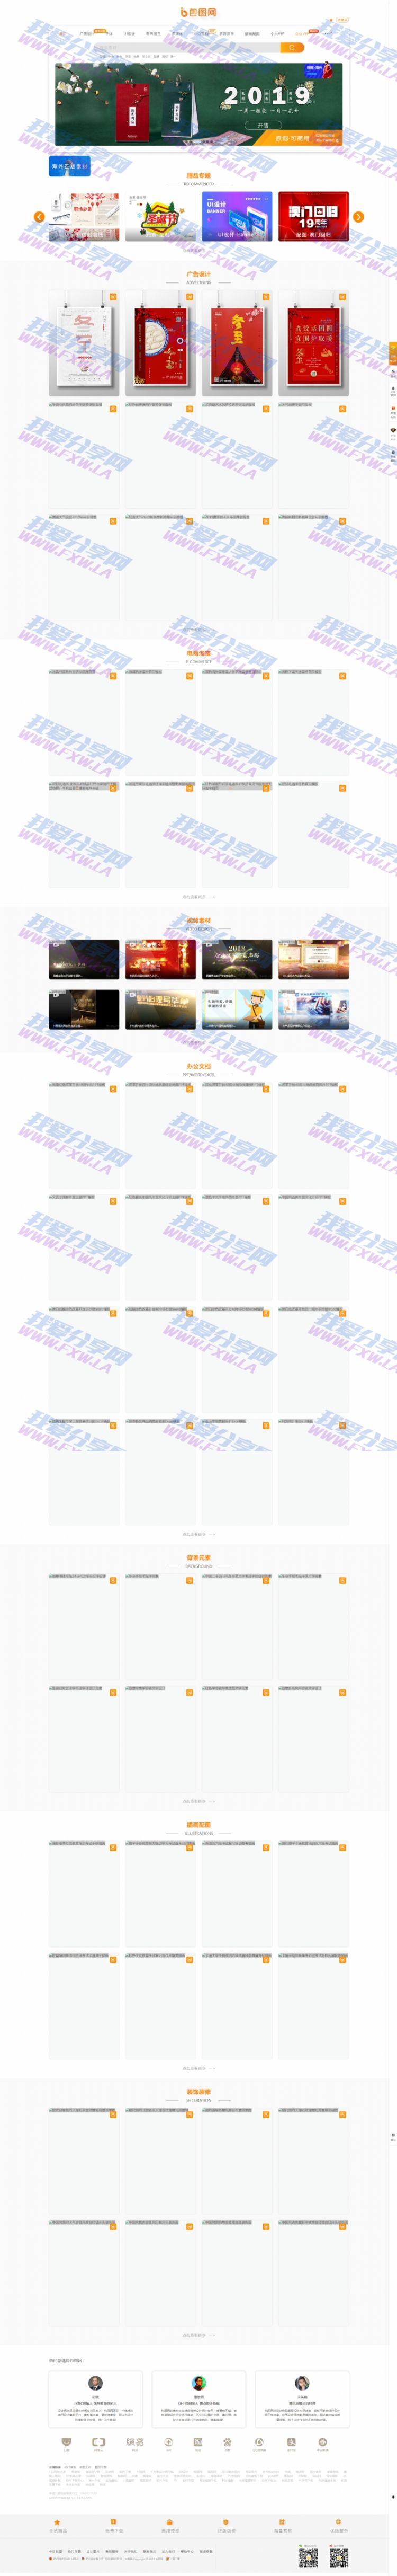 仿包图网素材图片下载站网站源码二次修改版